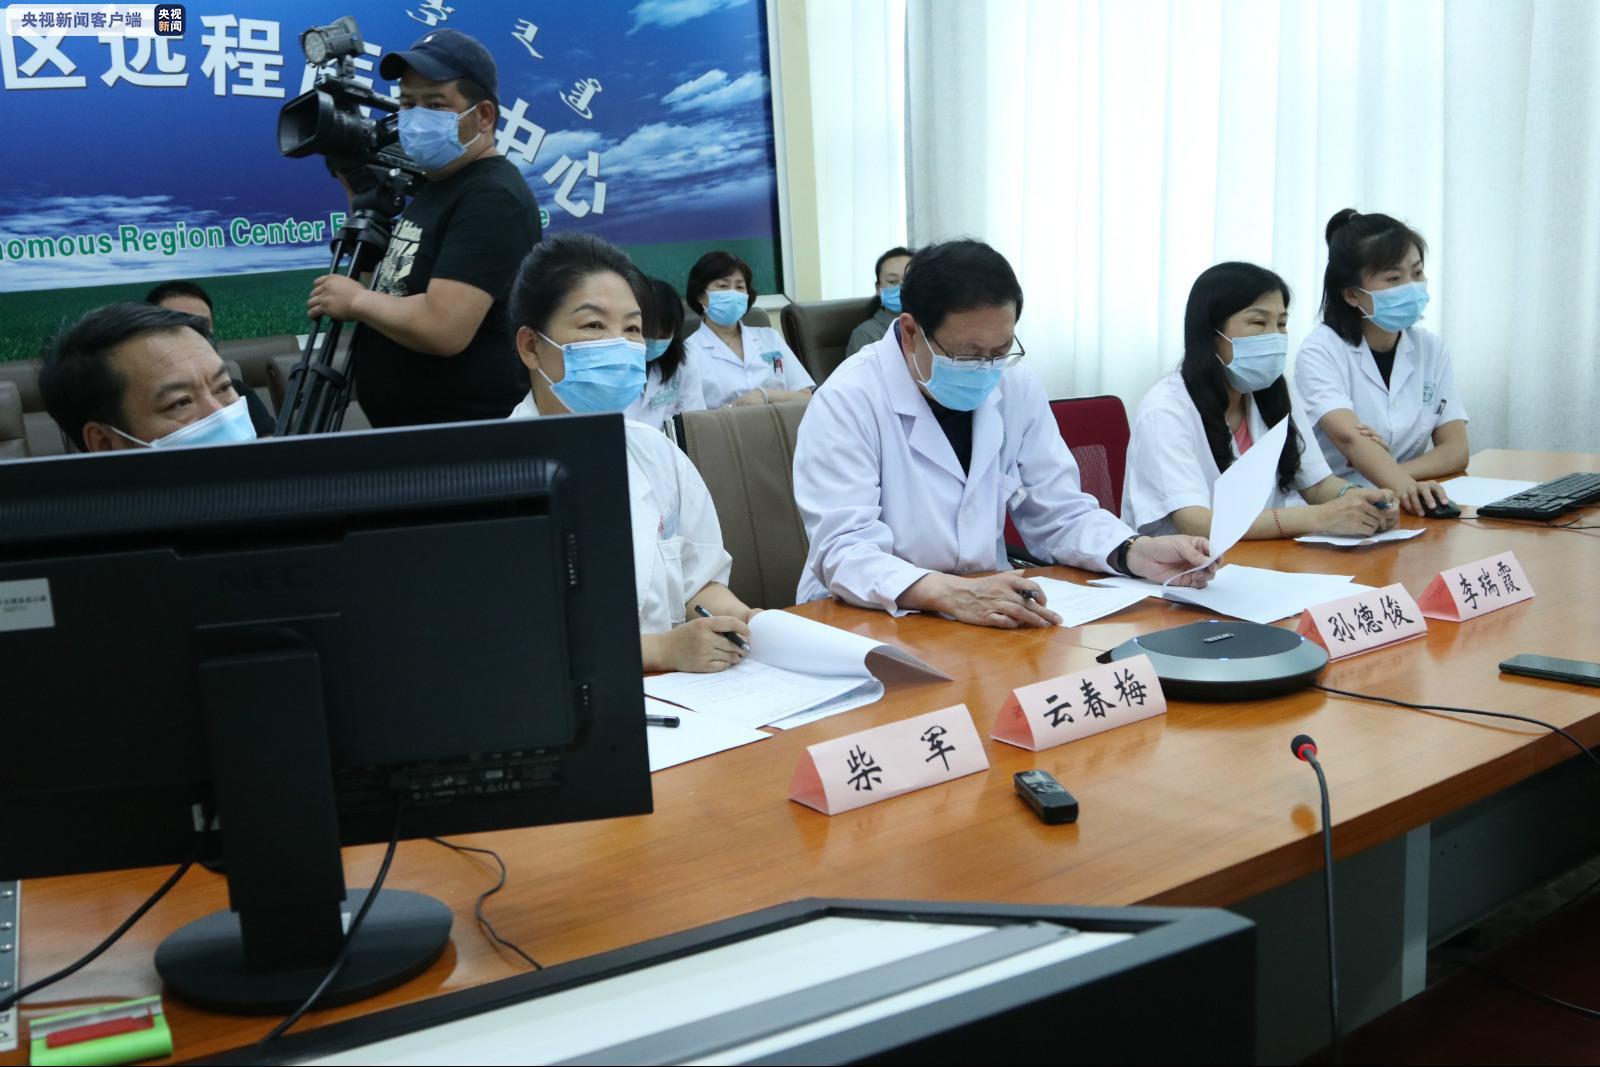 摩天平台境外输入新摩天平台冠肺炎患者出图片